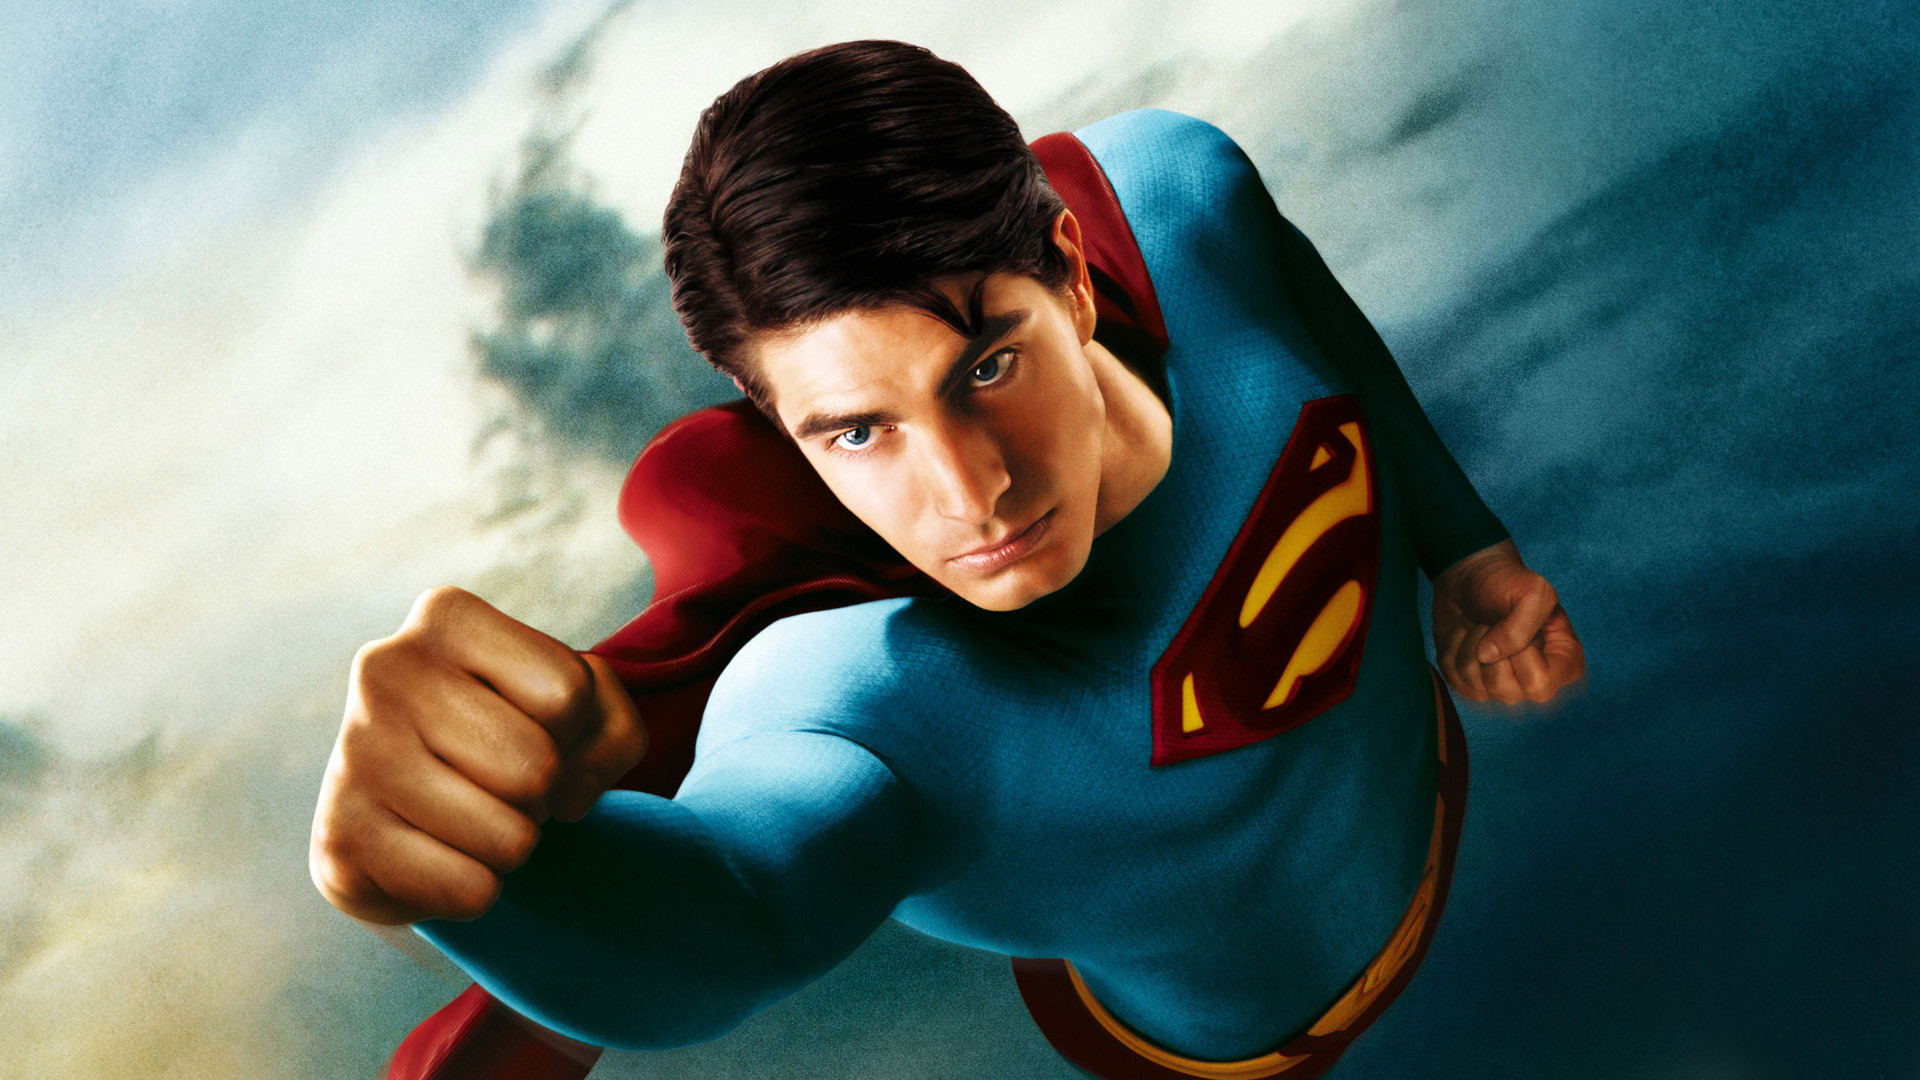 Superman Wallpaper HD 1920 x 1080 1920x1080